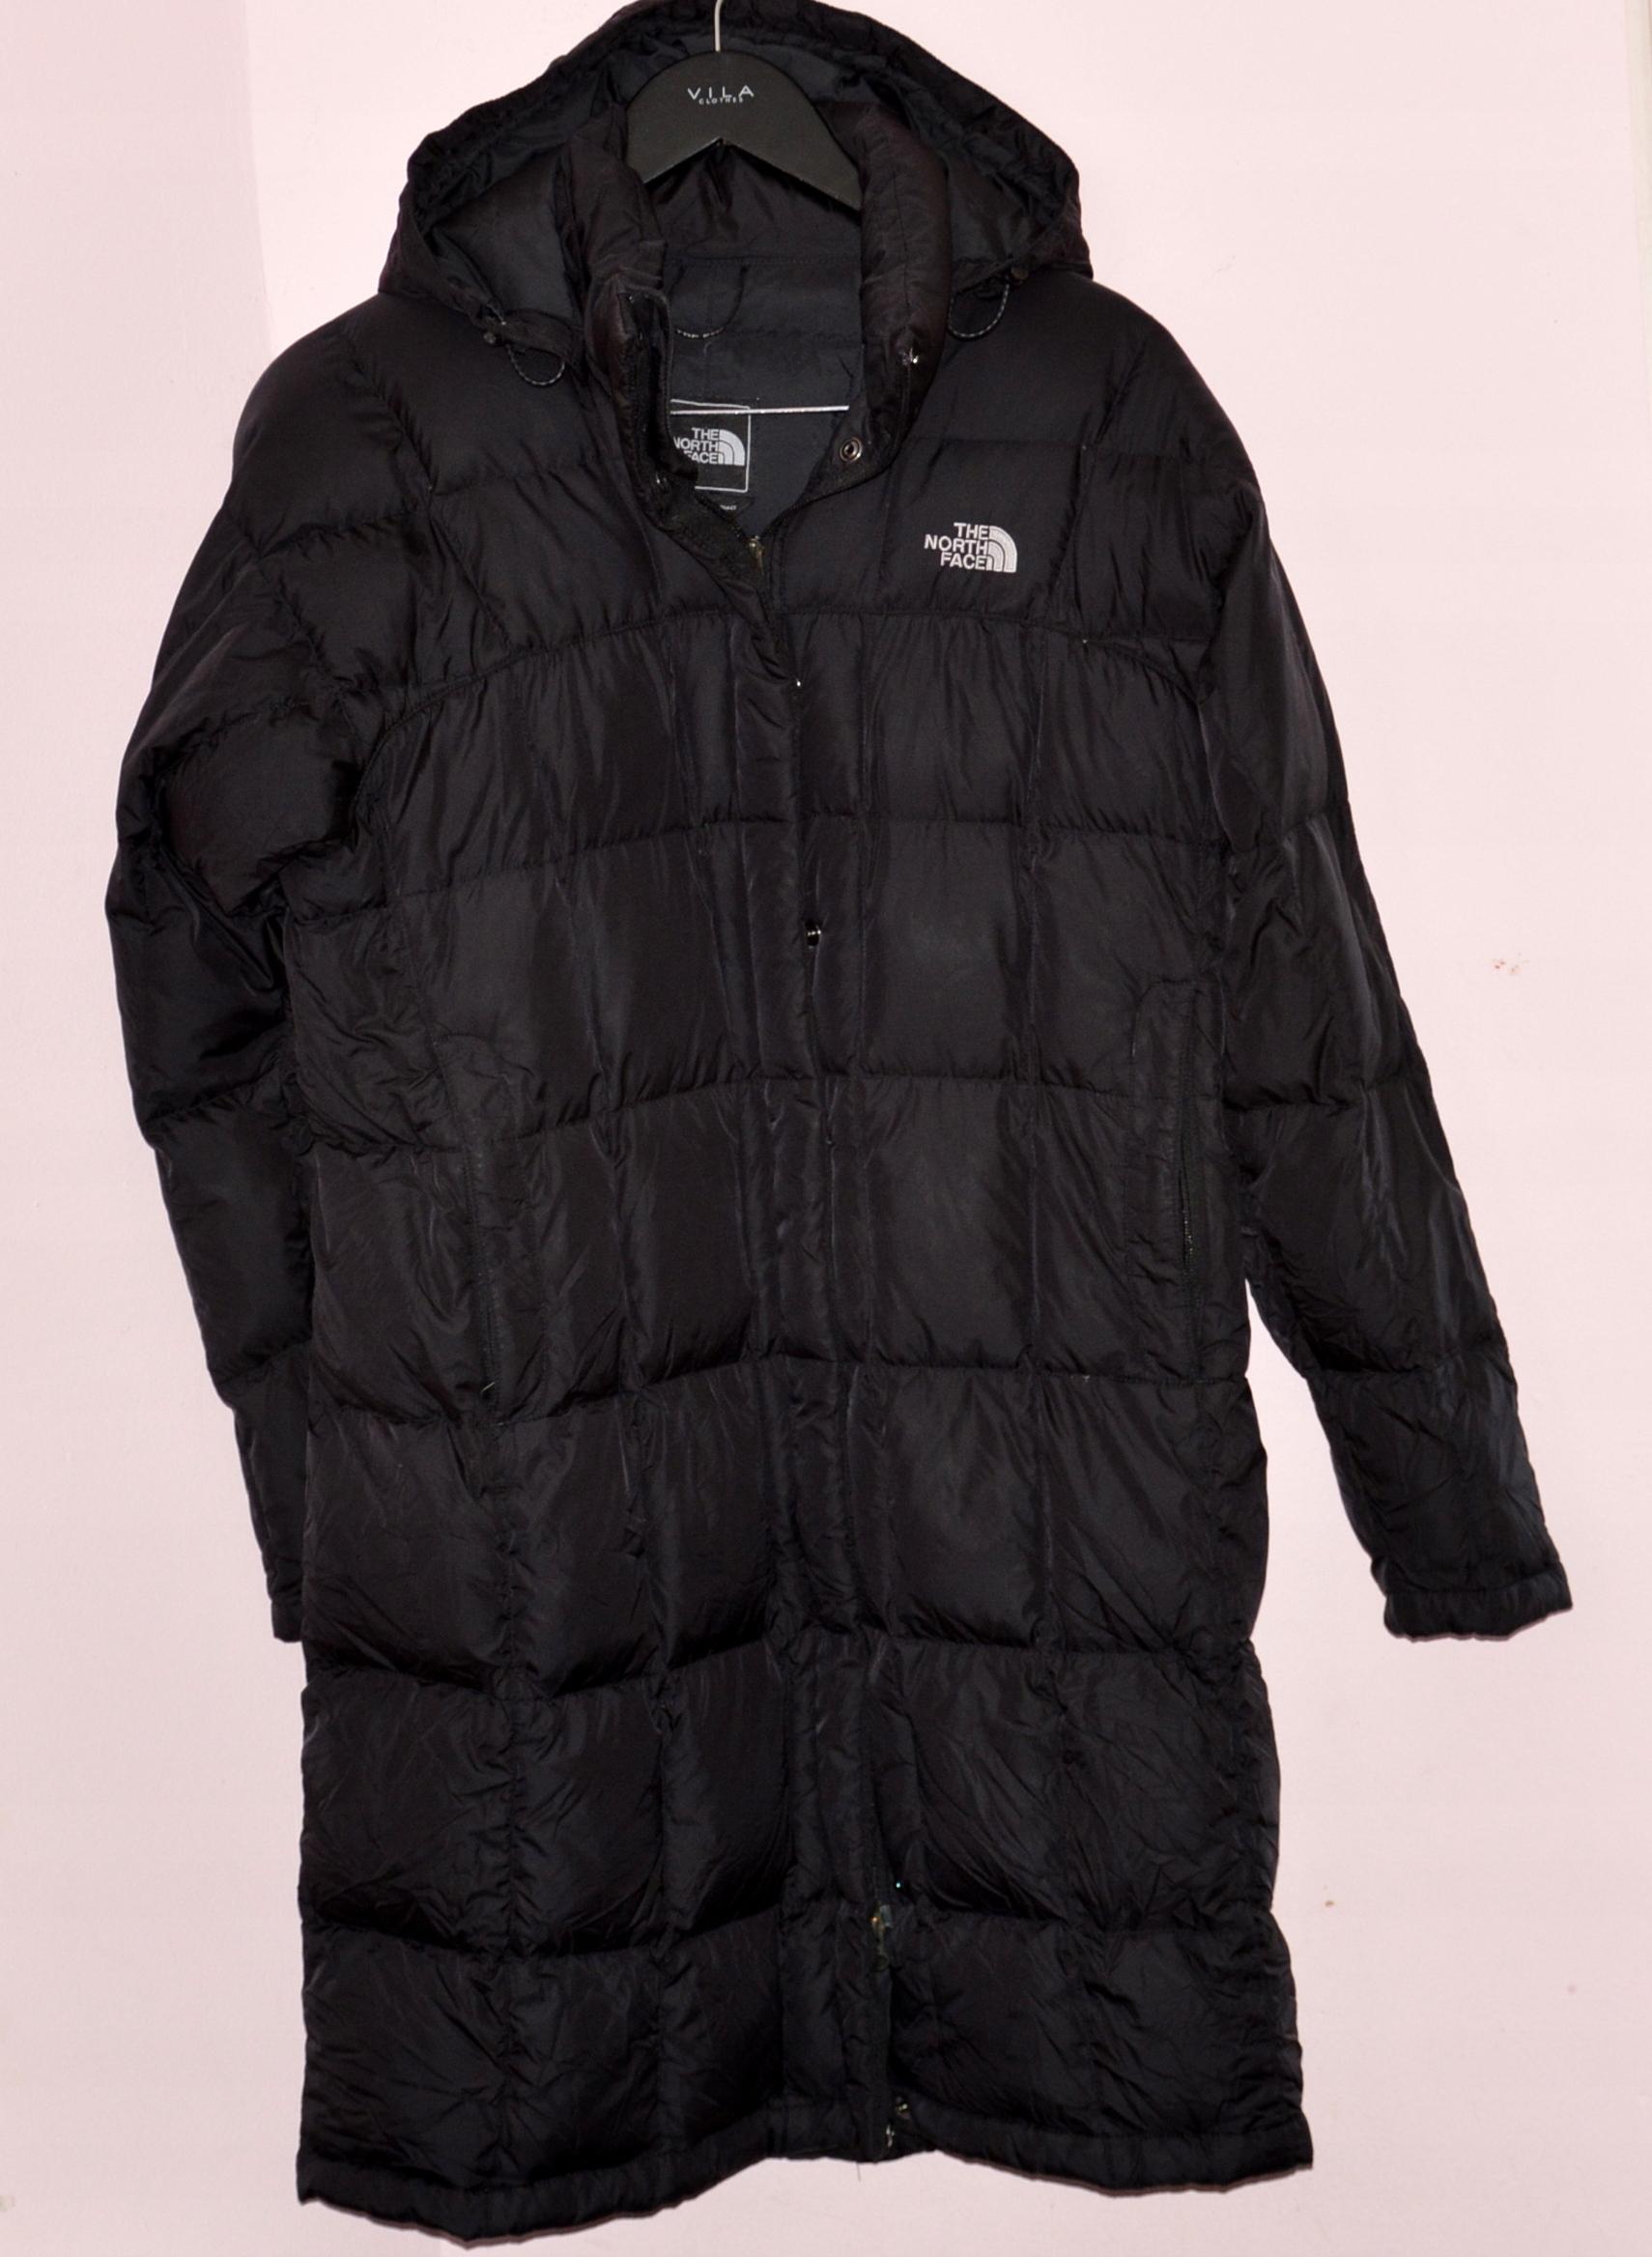 najlepsza strona internetowa Całkiem nowy kod promocyjny płaszcz puchowy THE NORTH FACE 600